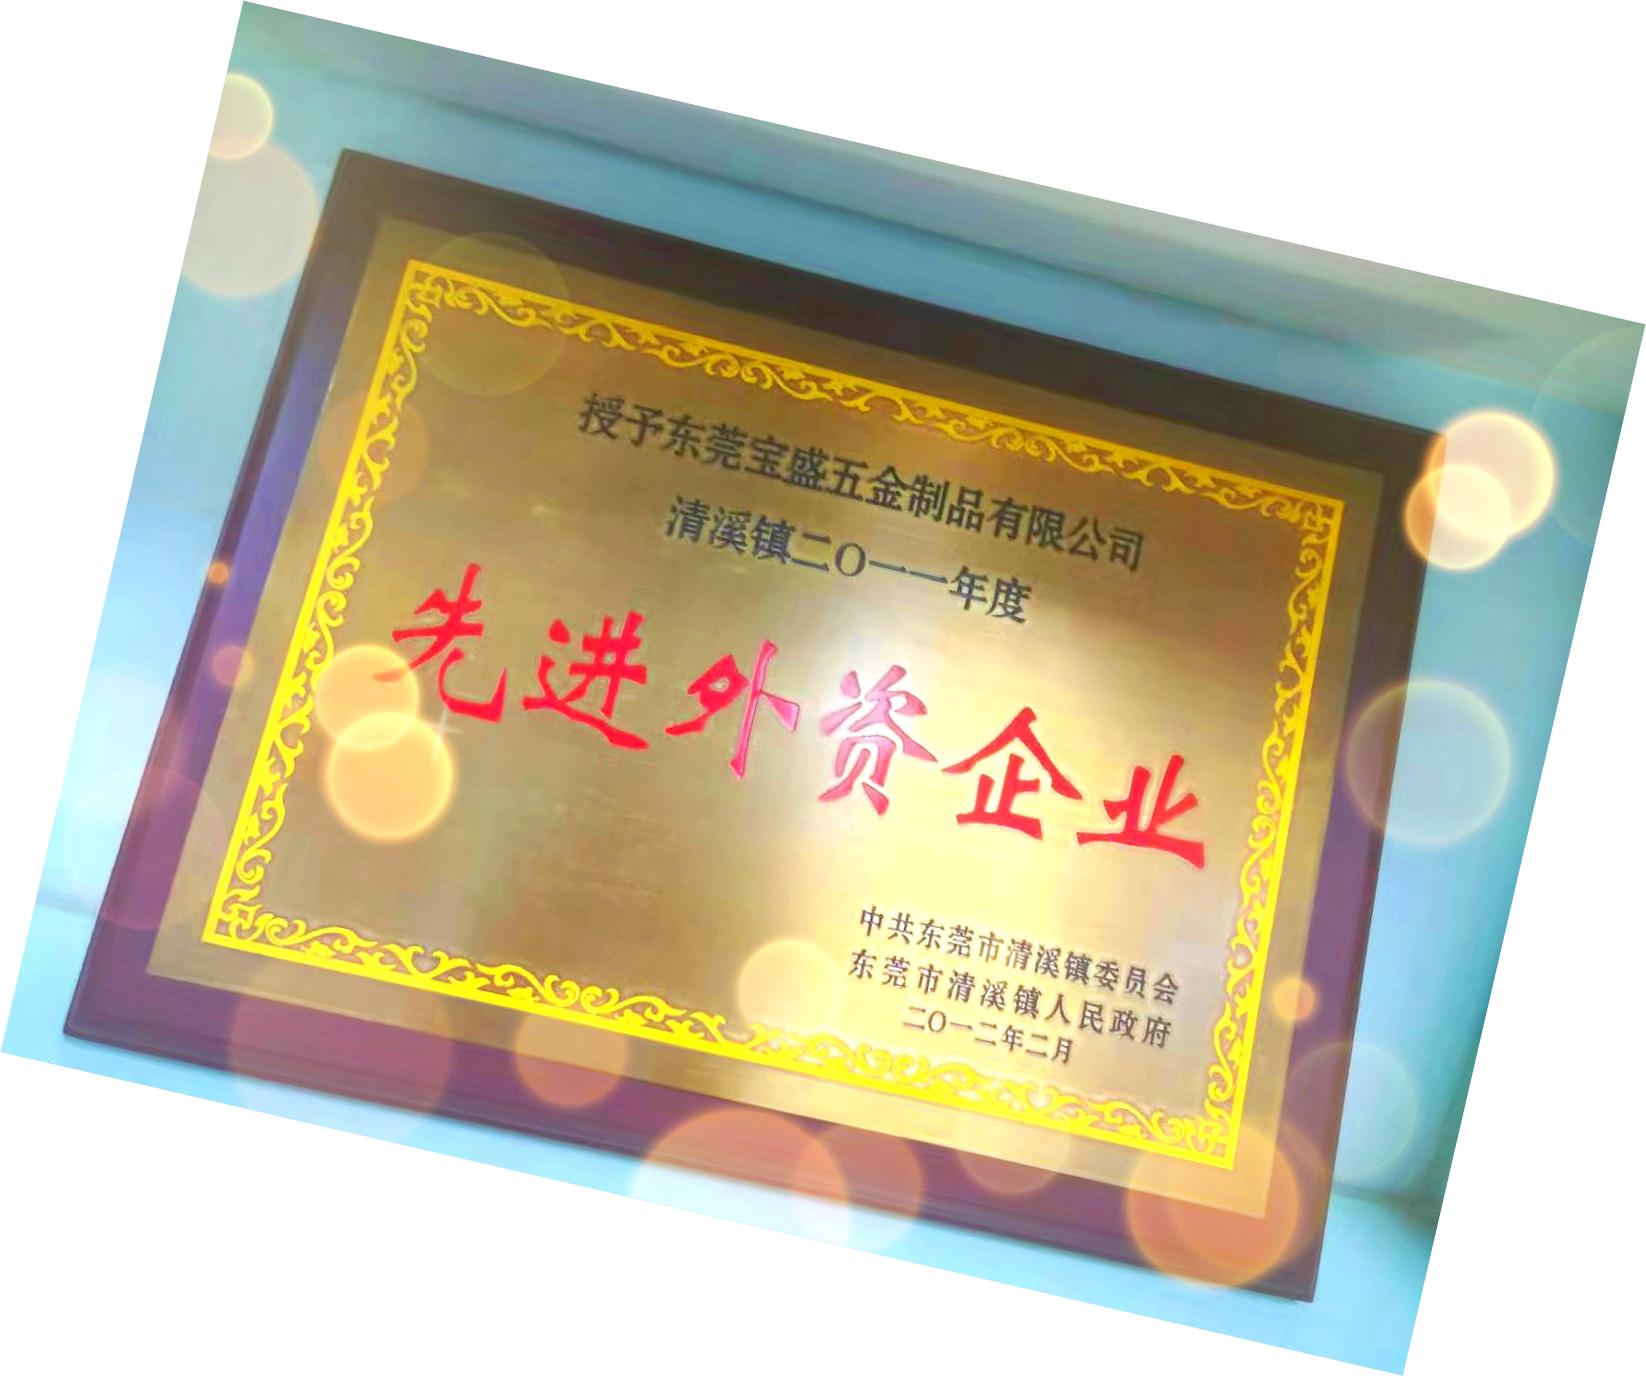 公司荣誉-美化-10_看图王